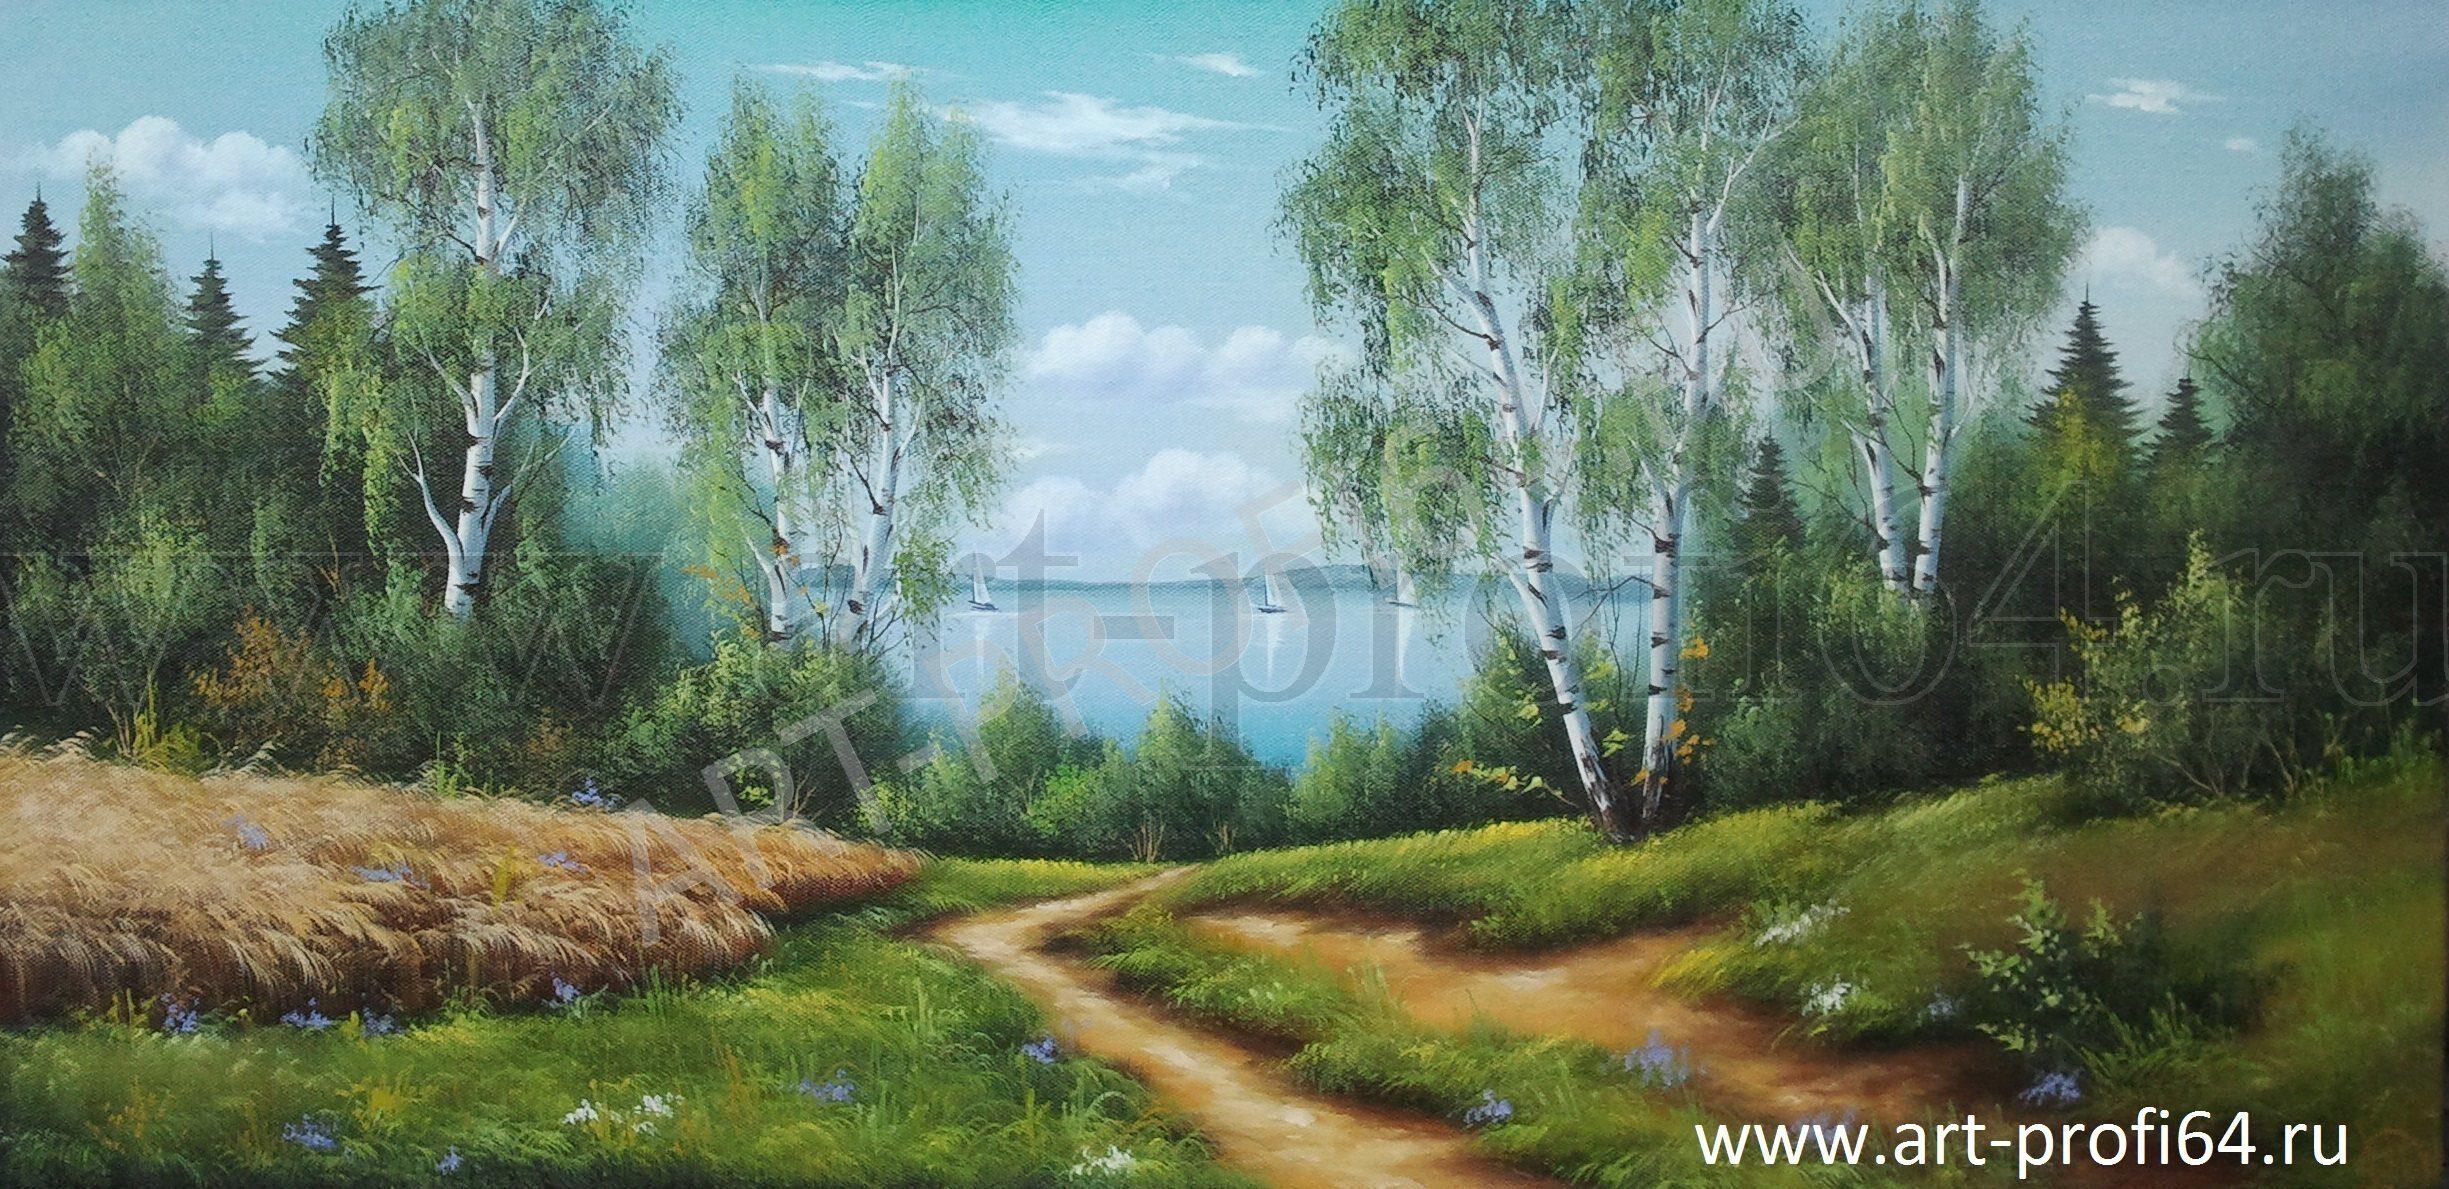 Пейзажи в картинках пейзажи картины